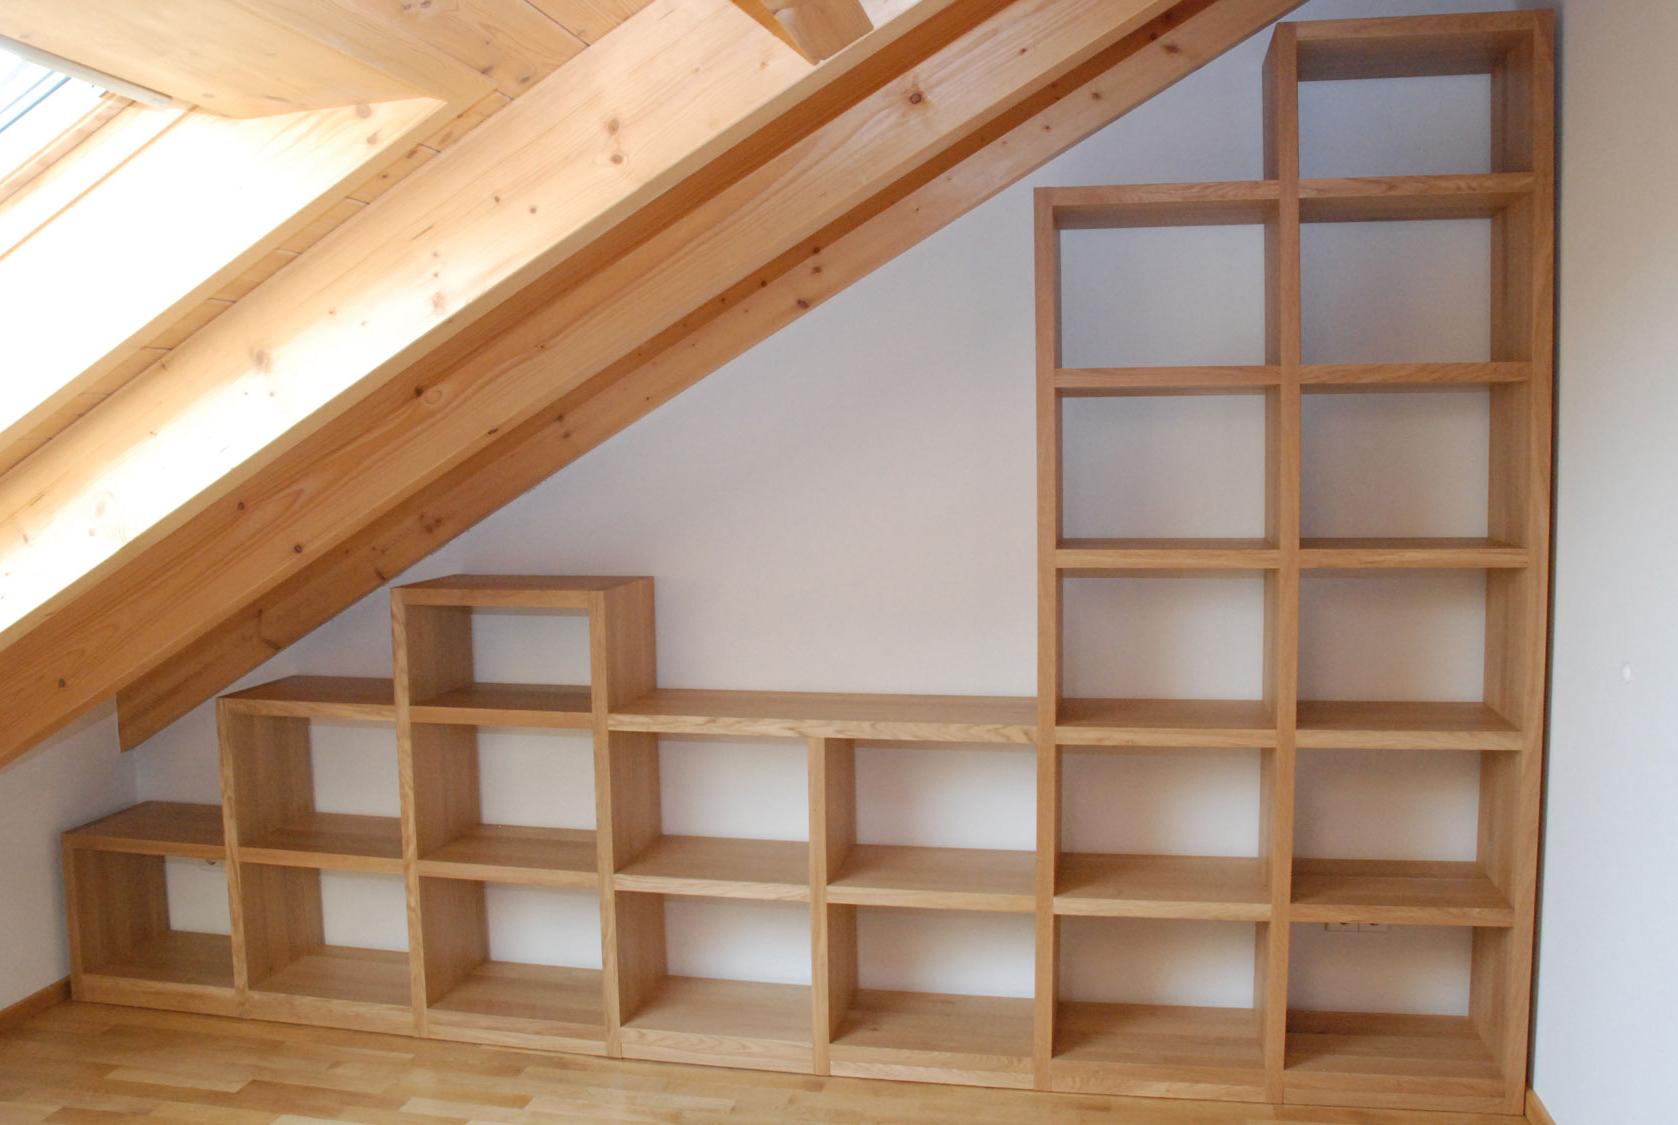 b cherregal raumbreit in dachschr ge in eiche massiv. Black Bedroom Furniture Sets. Home Design Ideas